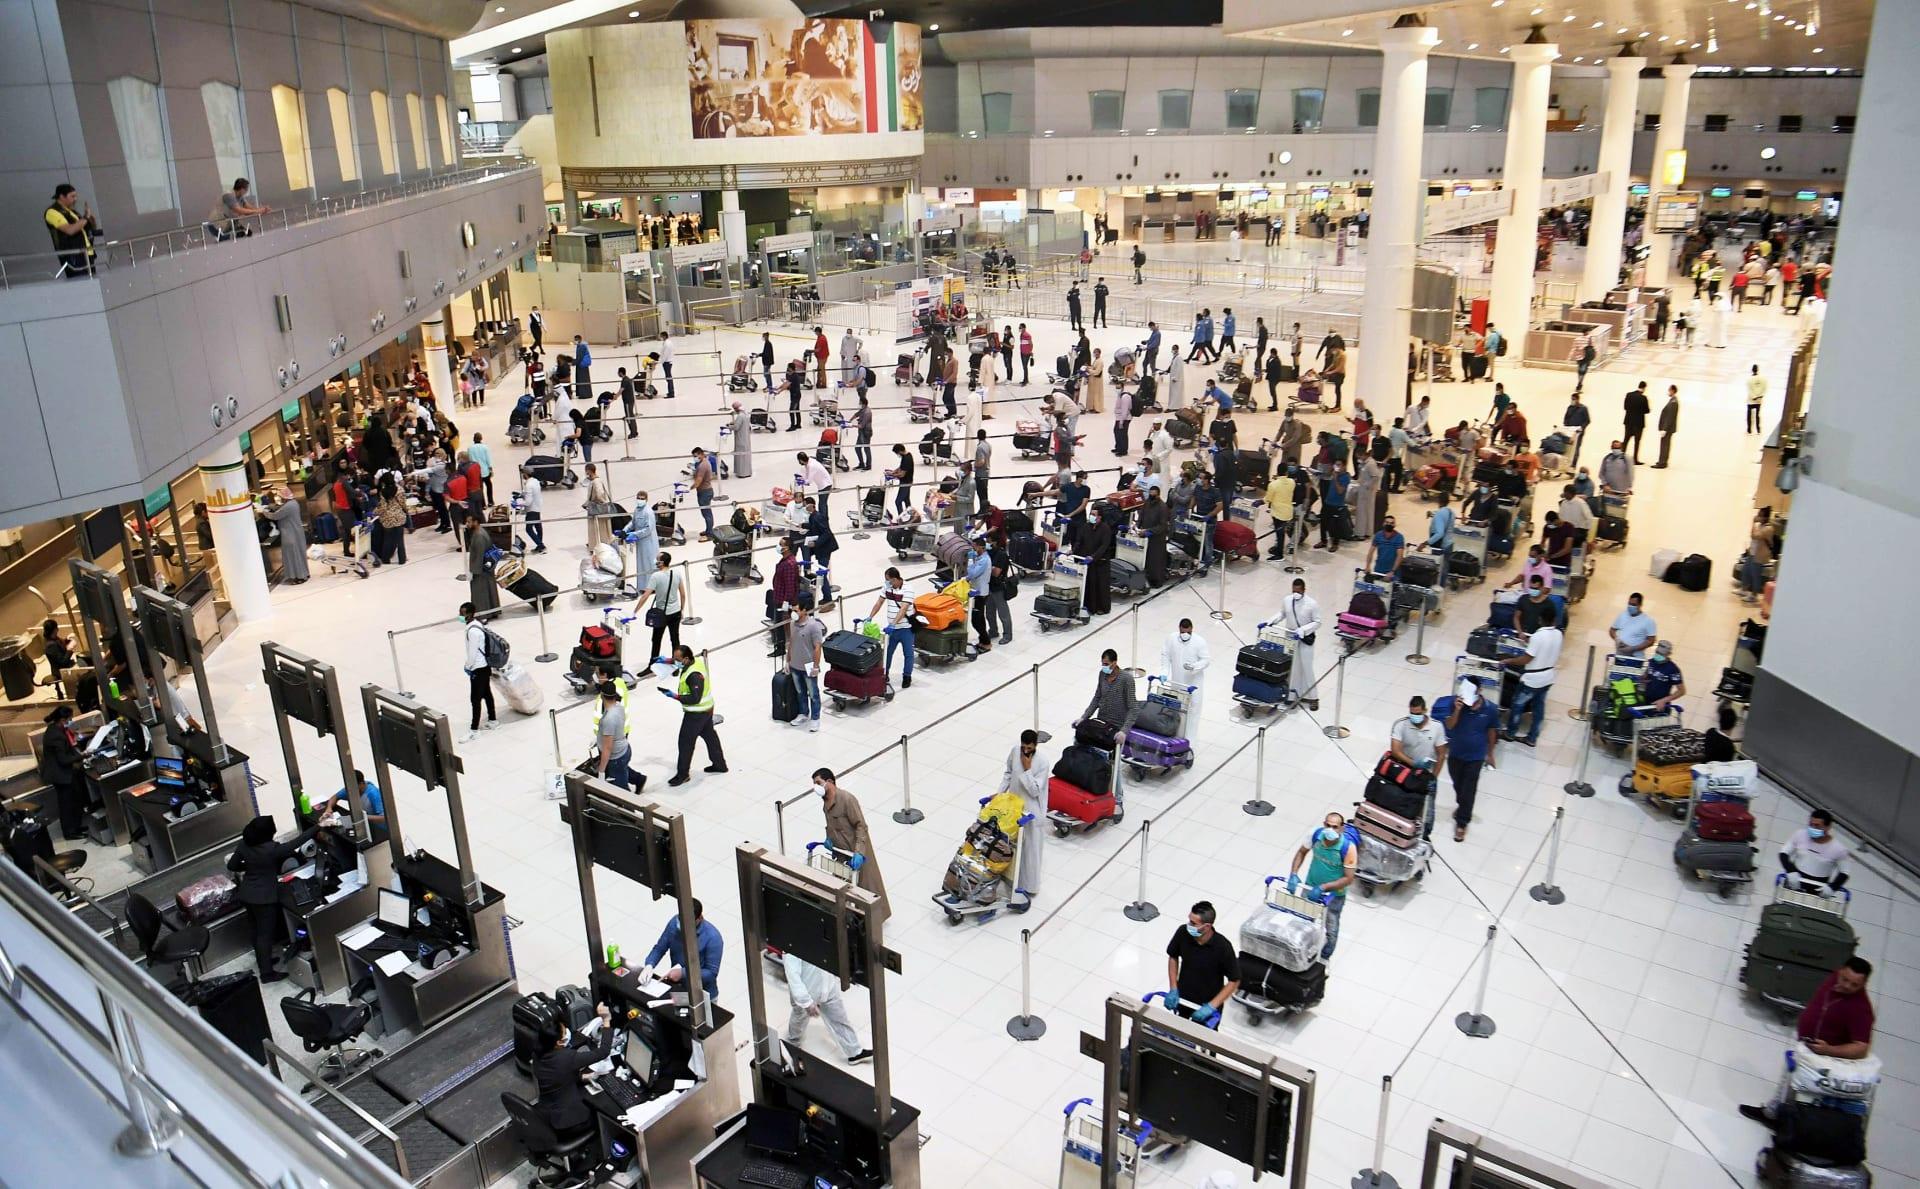 بعد ما يُقارب الـ5 أشهر على الإغلاق.. الكويت تُعلن عودة حركة الطيران إلى 20 وجهة